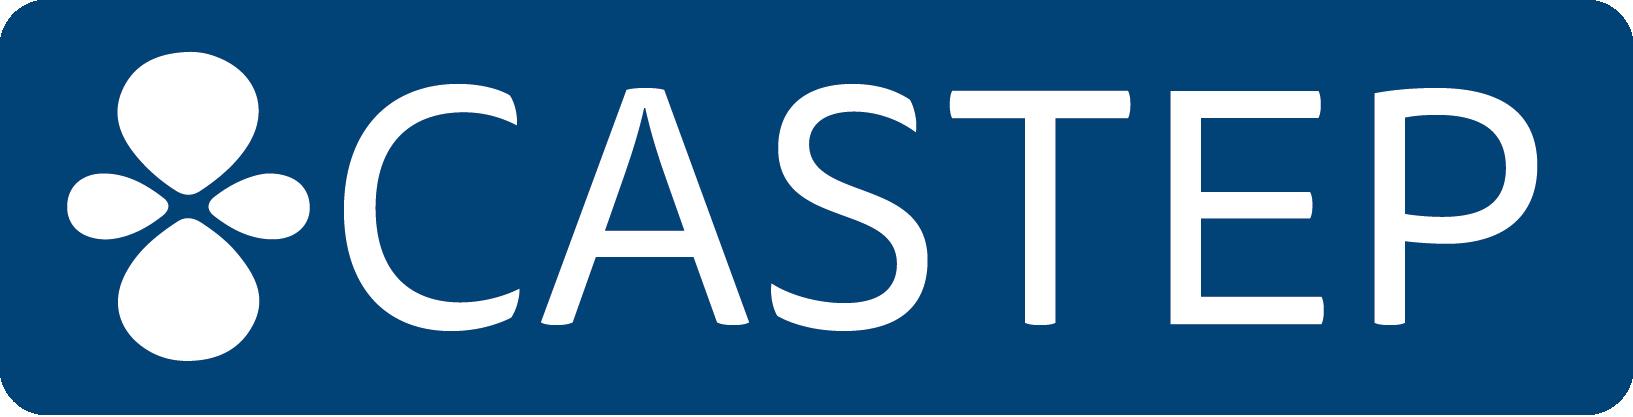 Castep 2